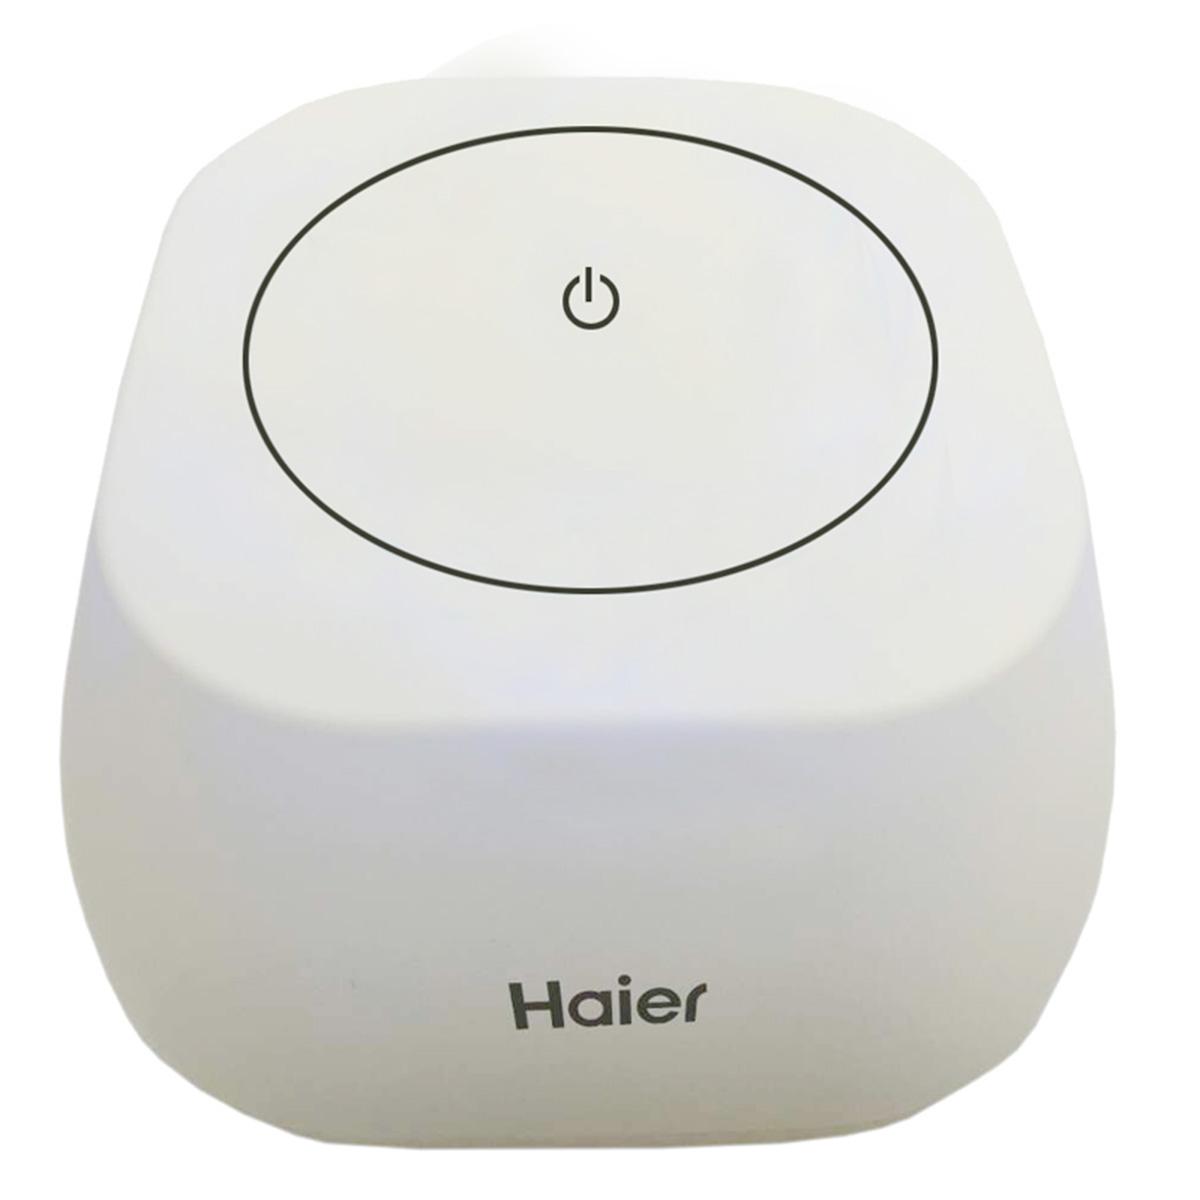 海尔 母婴桌面空气净化器 炫彩外观 多重净化 全方位解决宝宝呼吸健康问题 轻柔静音 舒心享受 KJ5F-HY01